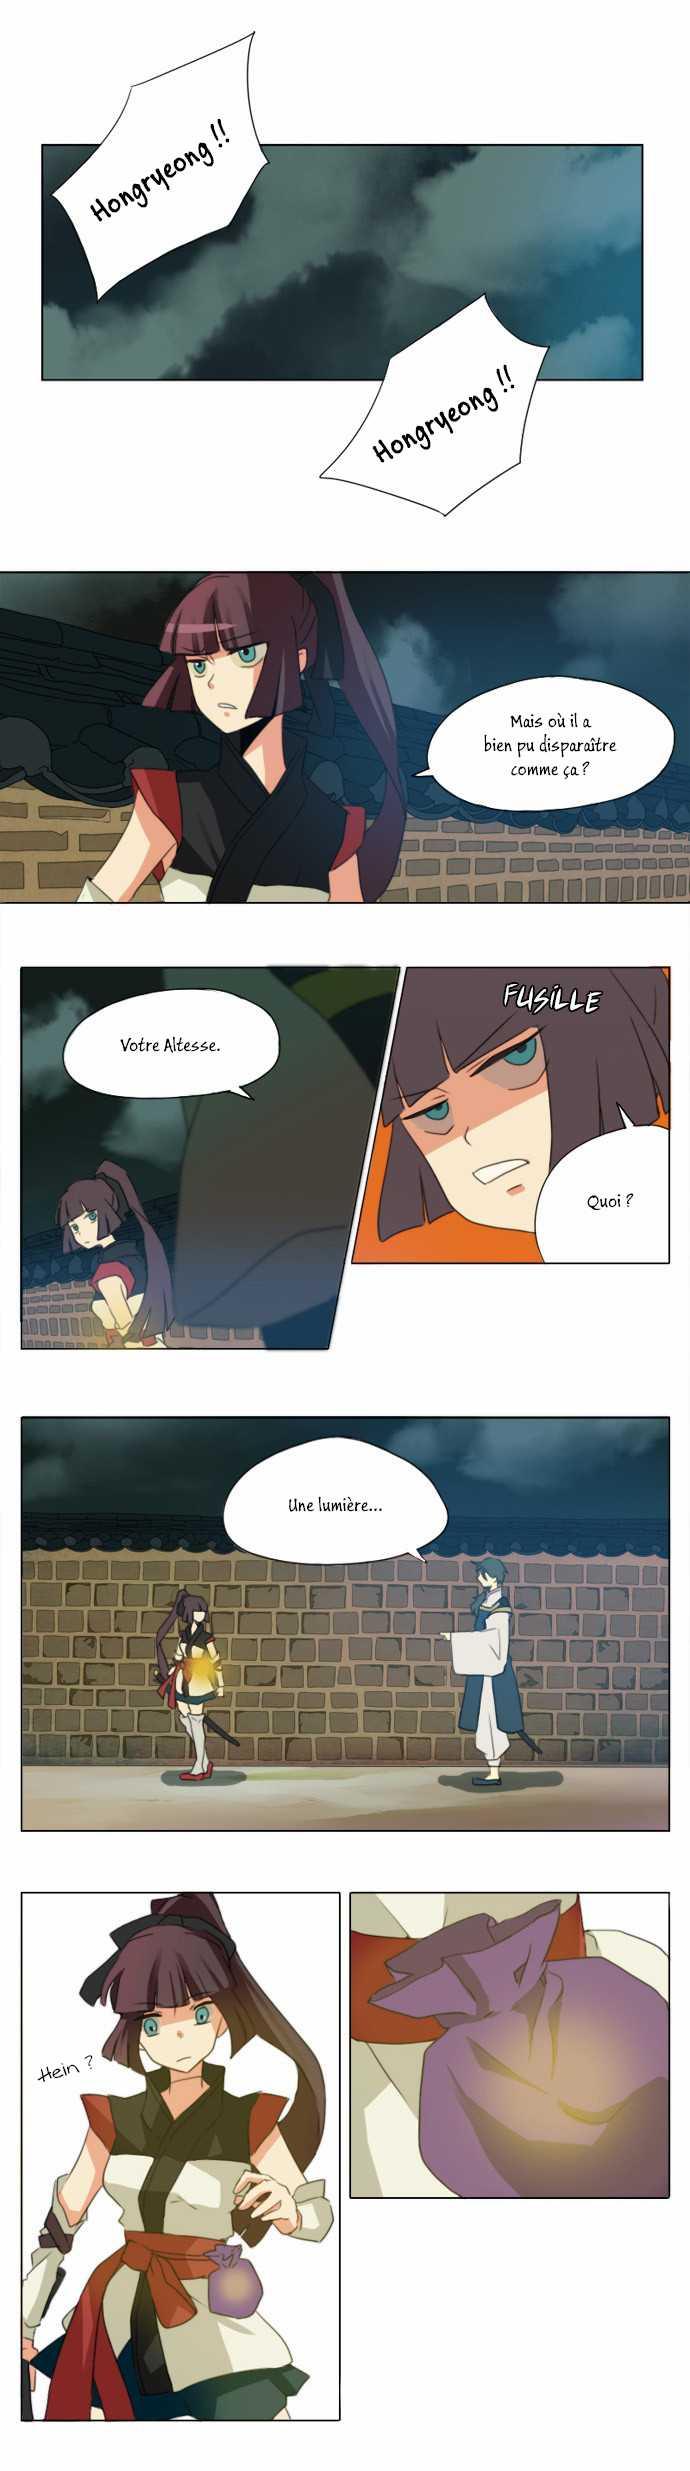 https://nine.mangadogs.com/fr_manga/pic1/1/833/40814/ShinryeongGhostBell6VF_0_287.jpg Page 1